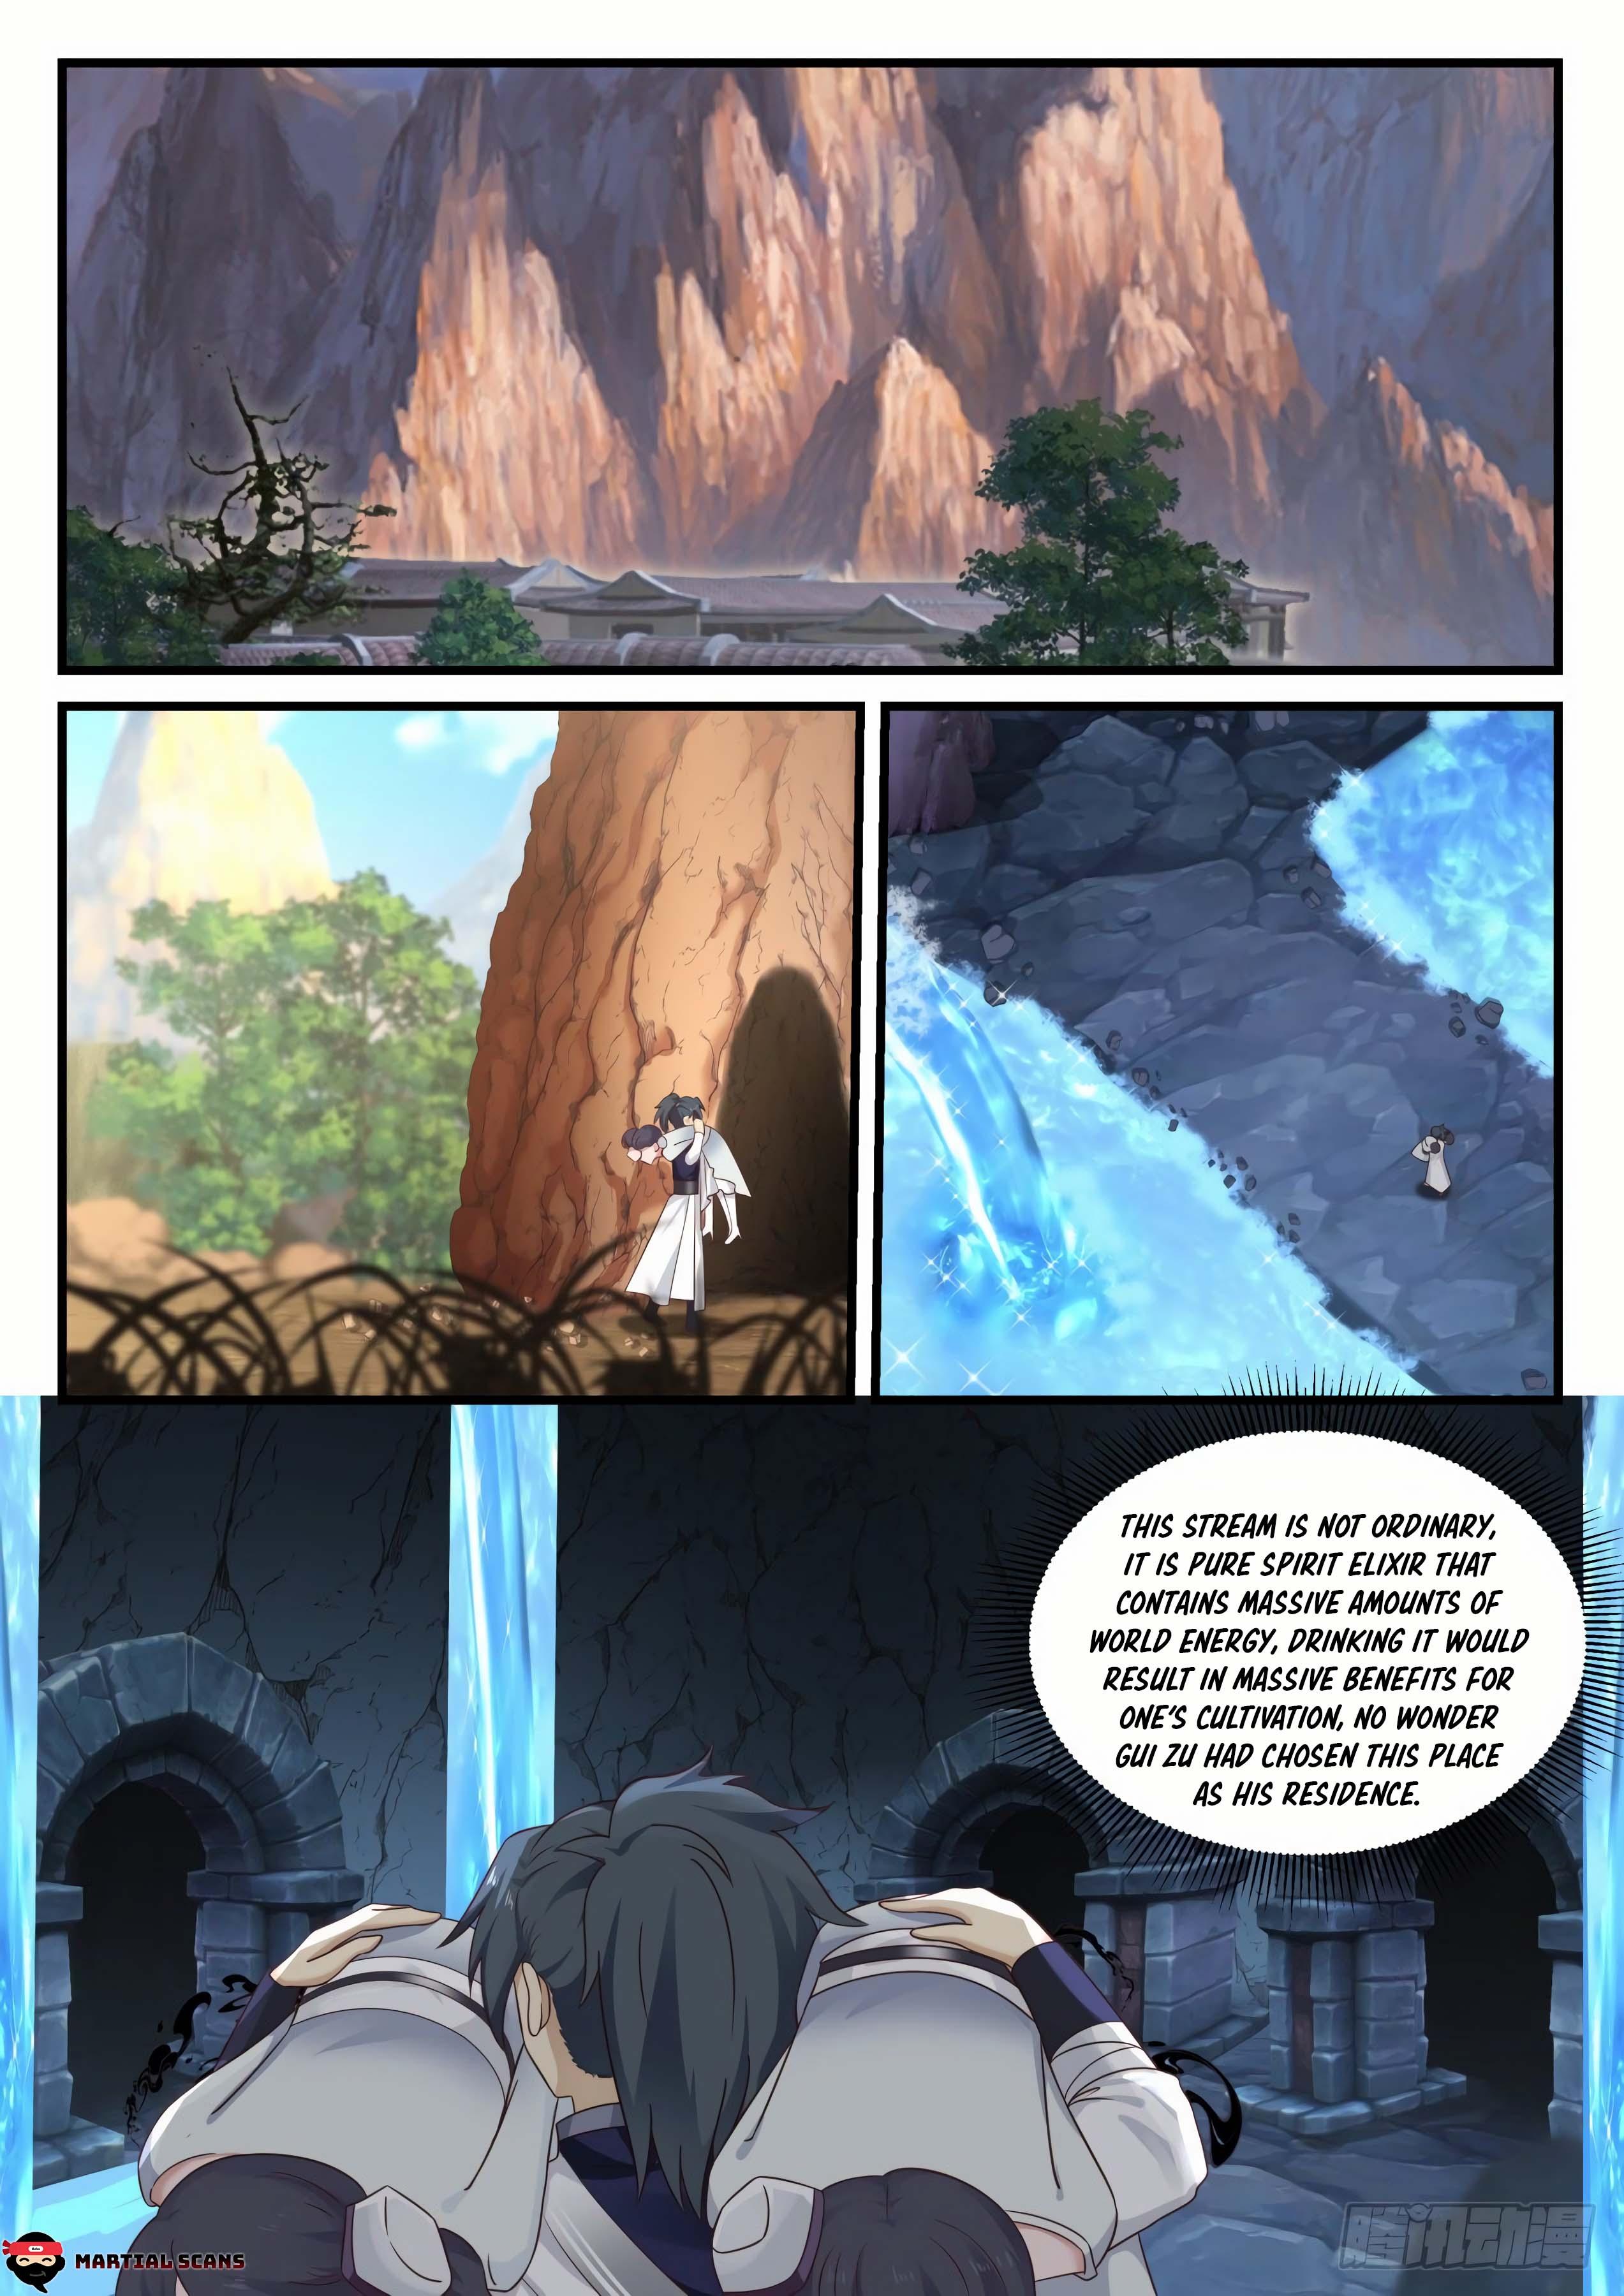 https://manga.mangadogs.com/comics/pic4/17/21329/2716388/af94ed0d6f5acc95f97170e3685f16c0.jpg Page 2